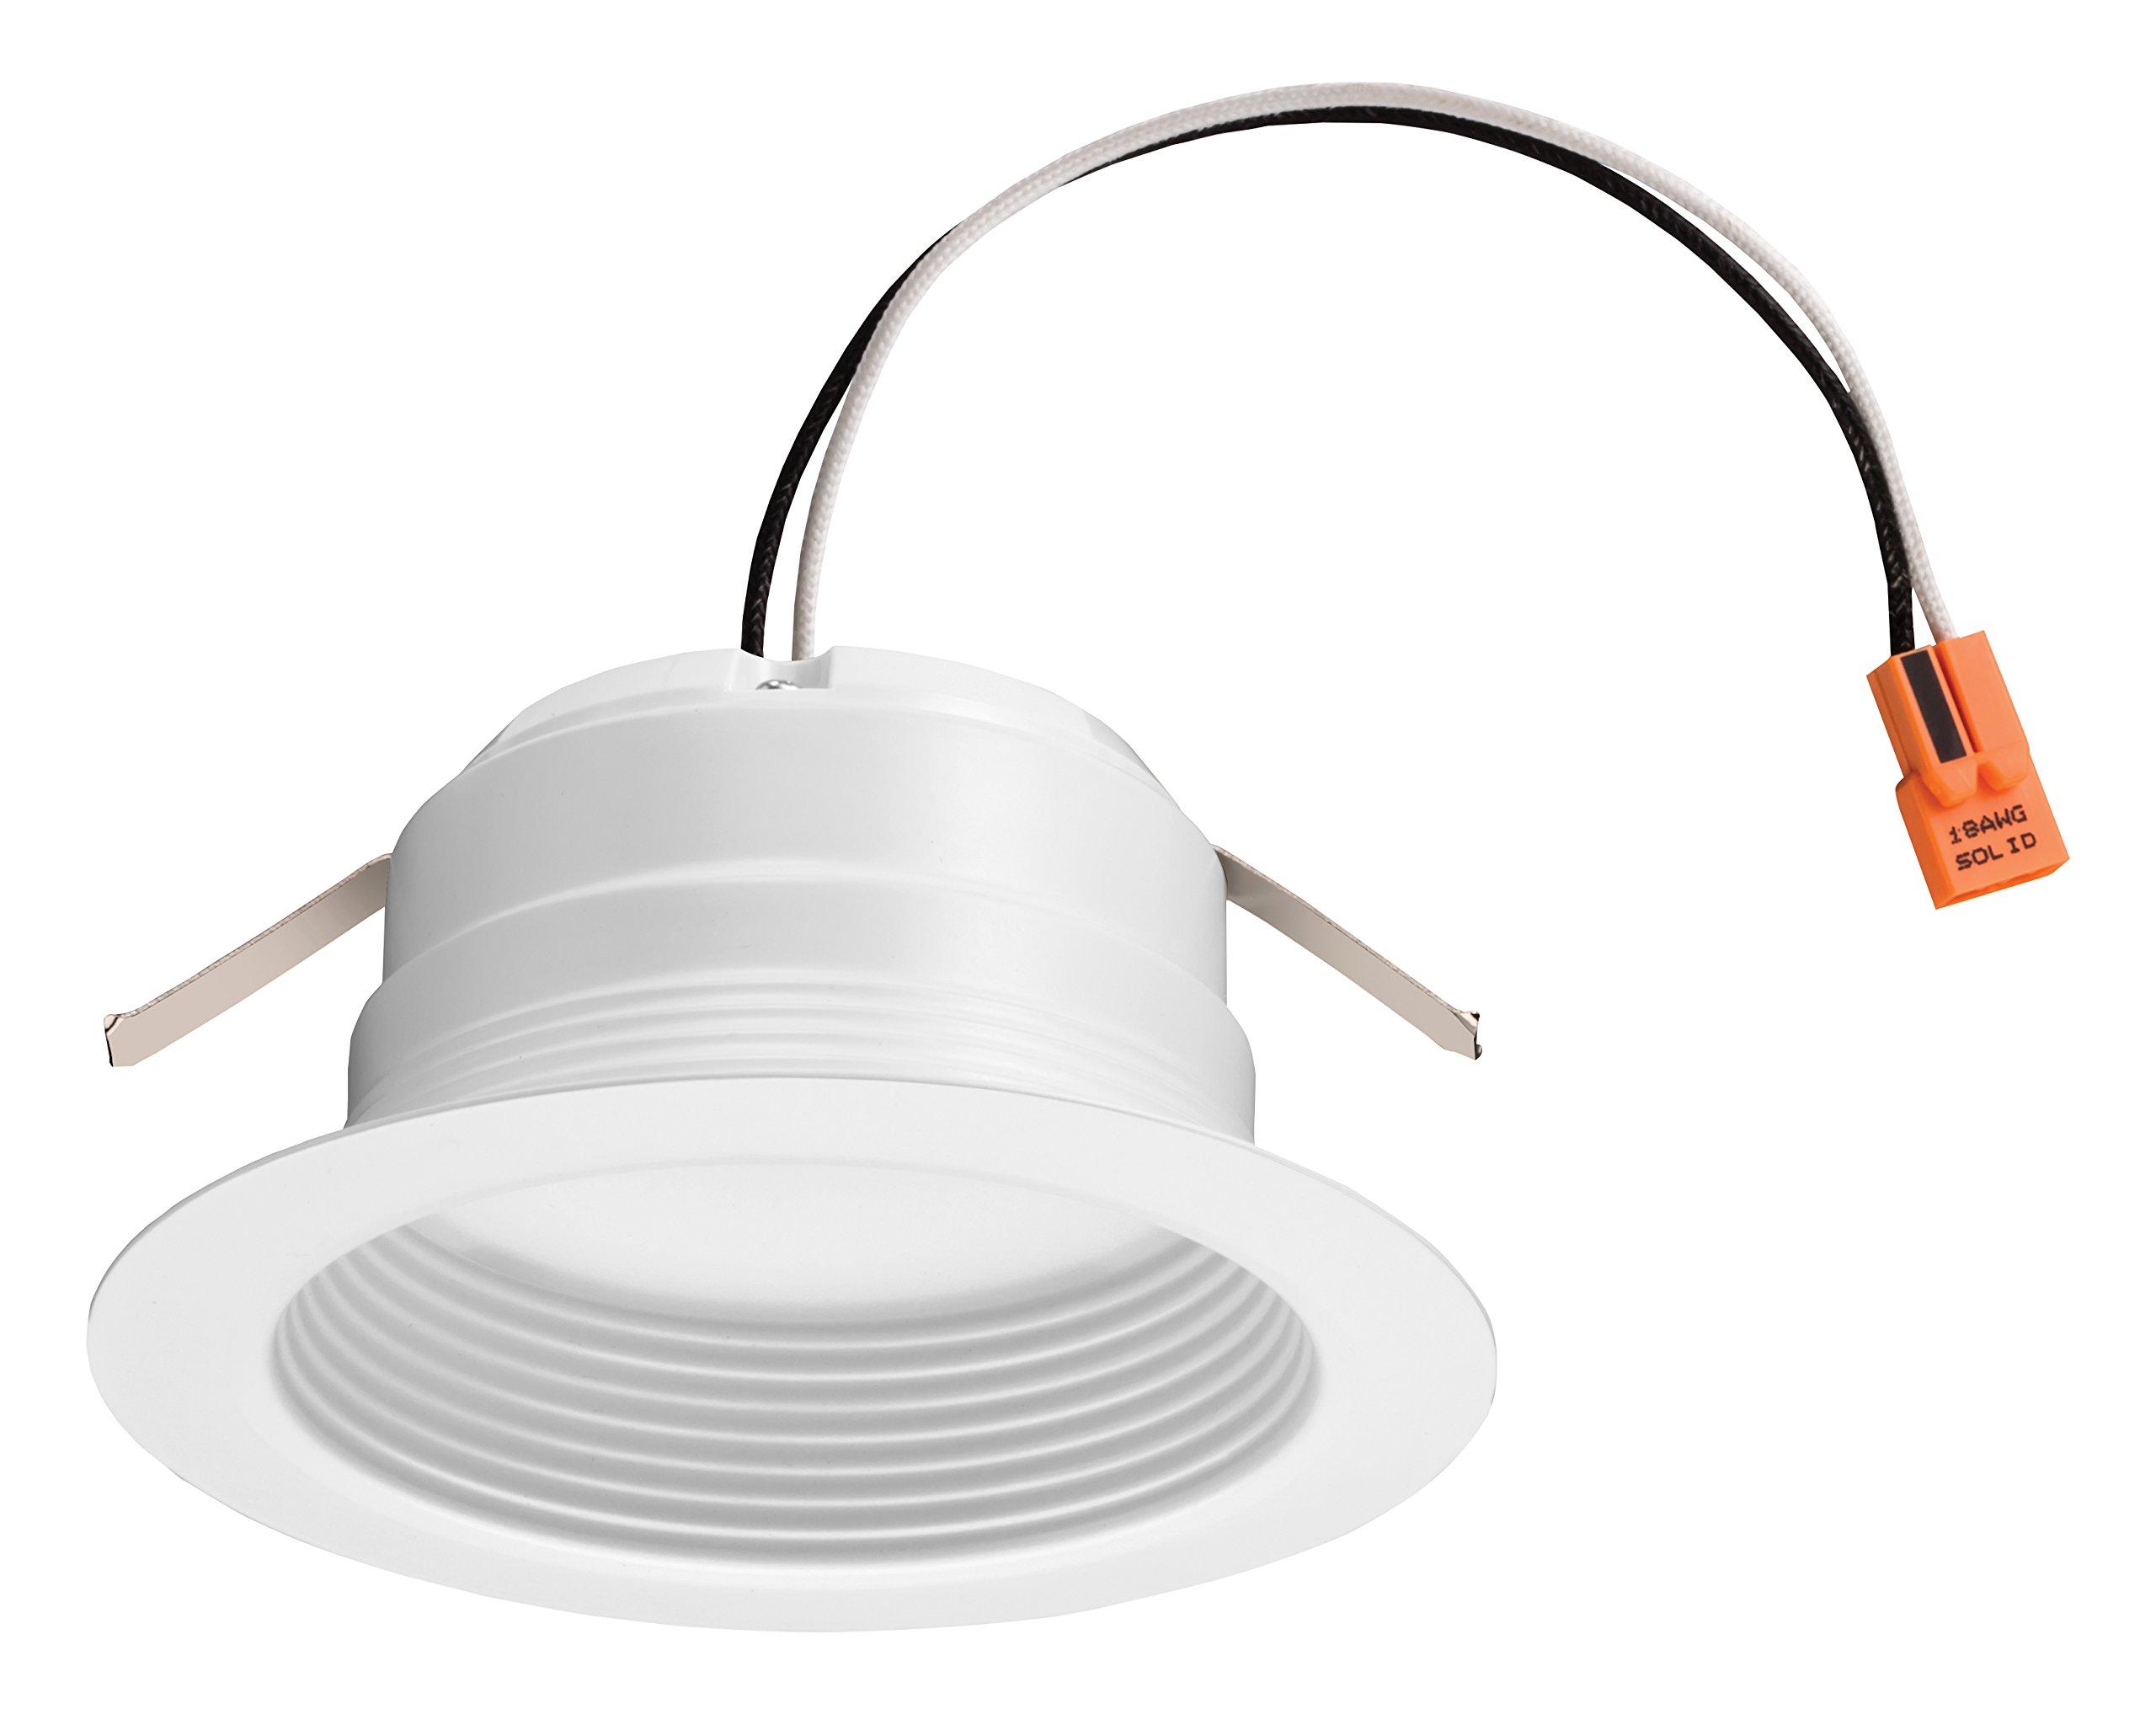 Lithonia Lighting 4BEMW LED 27K M6 4 Inch 11.9W White LED Recessed Baffle Module, 2700K